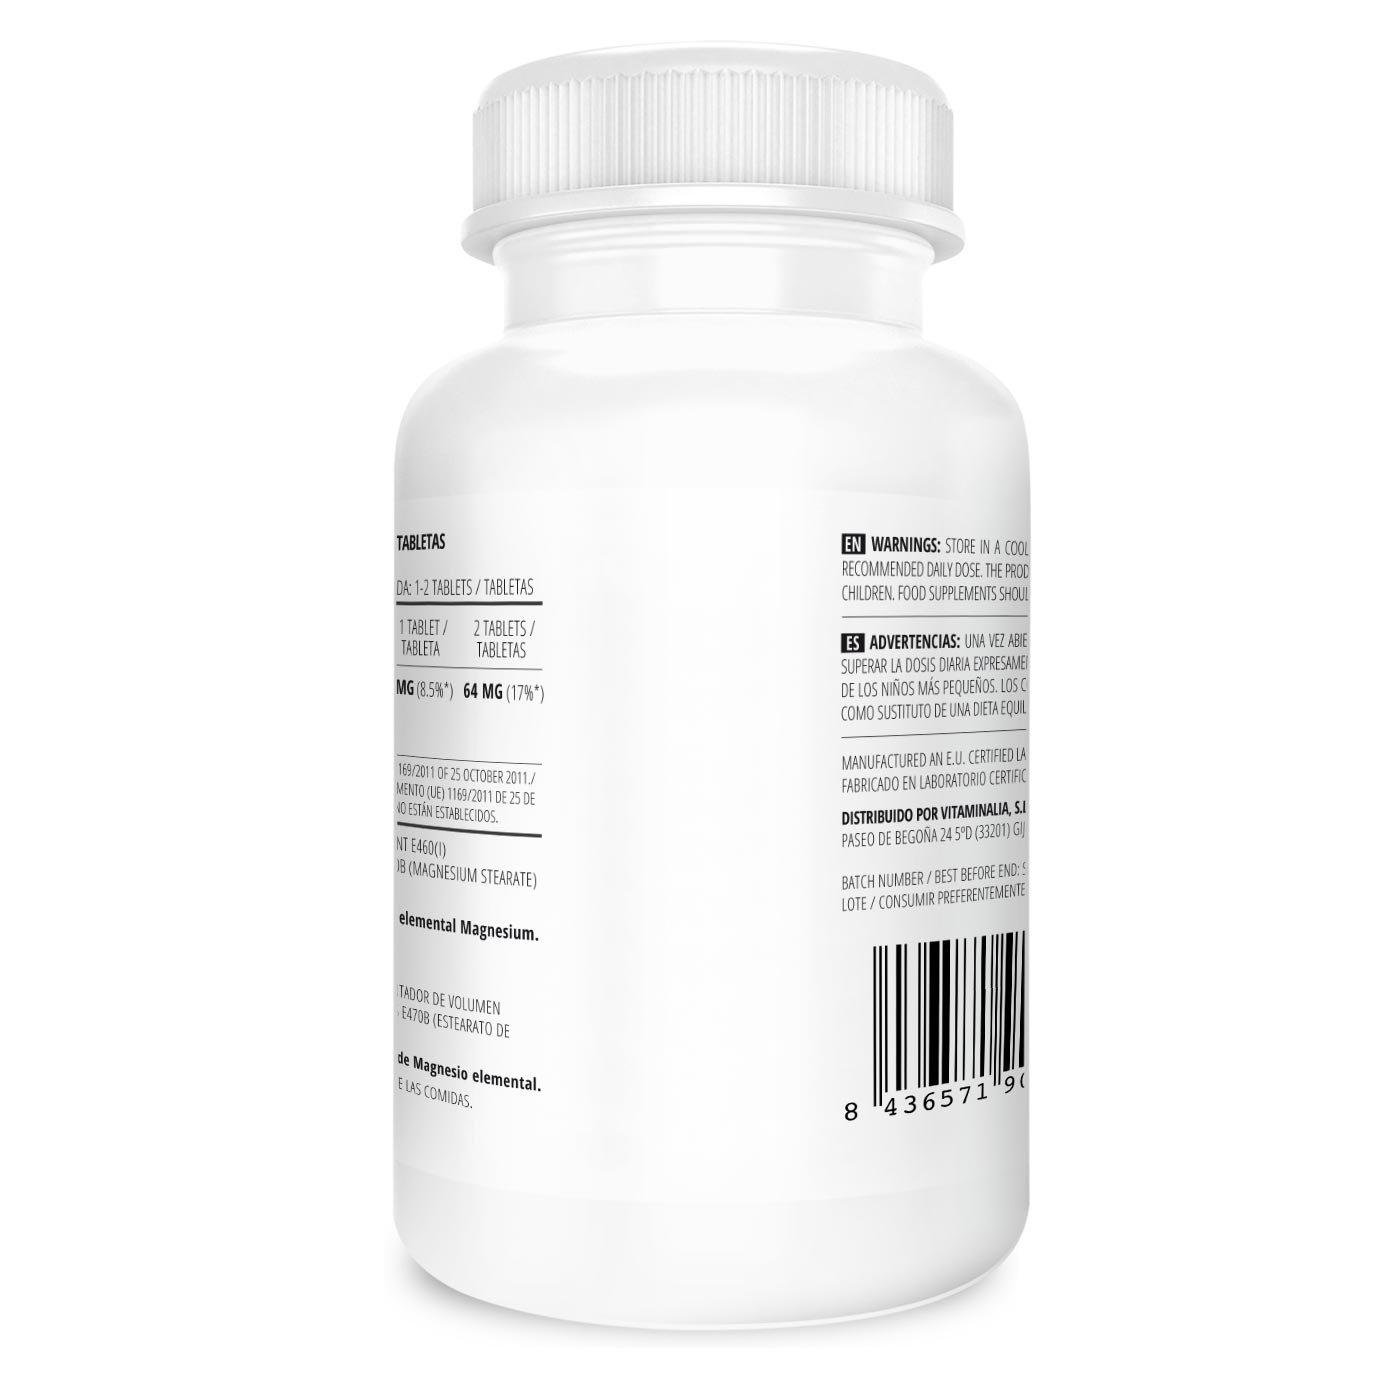 Citrato de Magnesio | Dosis Diaria 200mg (32mg Magnesio Elemental) | Suministro para 6 Meses (180 tabletas) | Apoyo Sistema Nervioso y Articular | Calidad ...